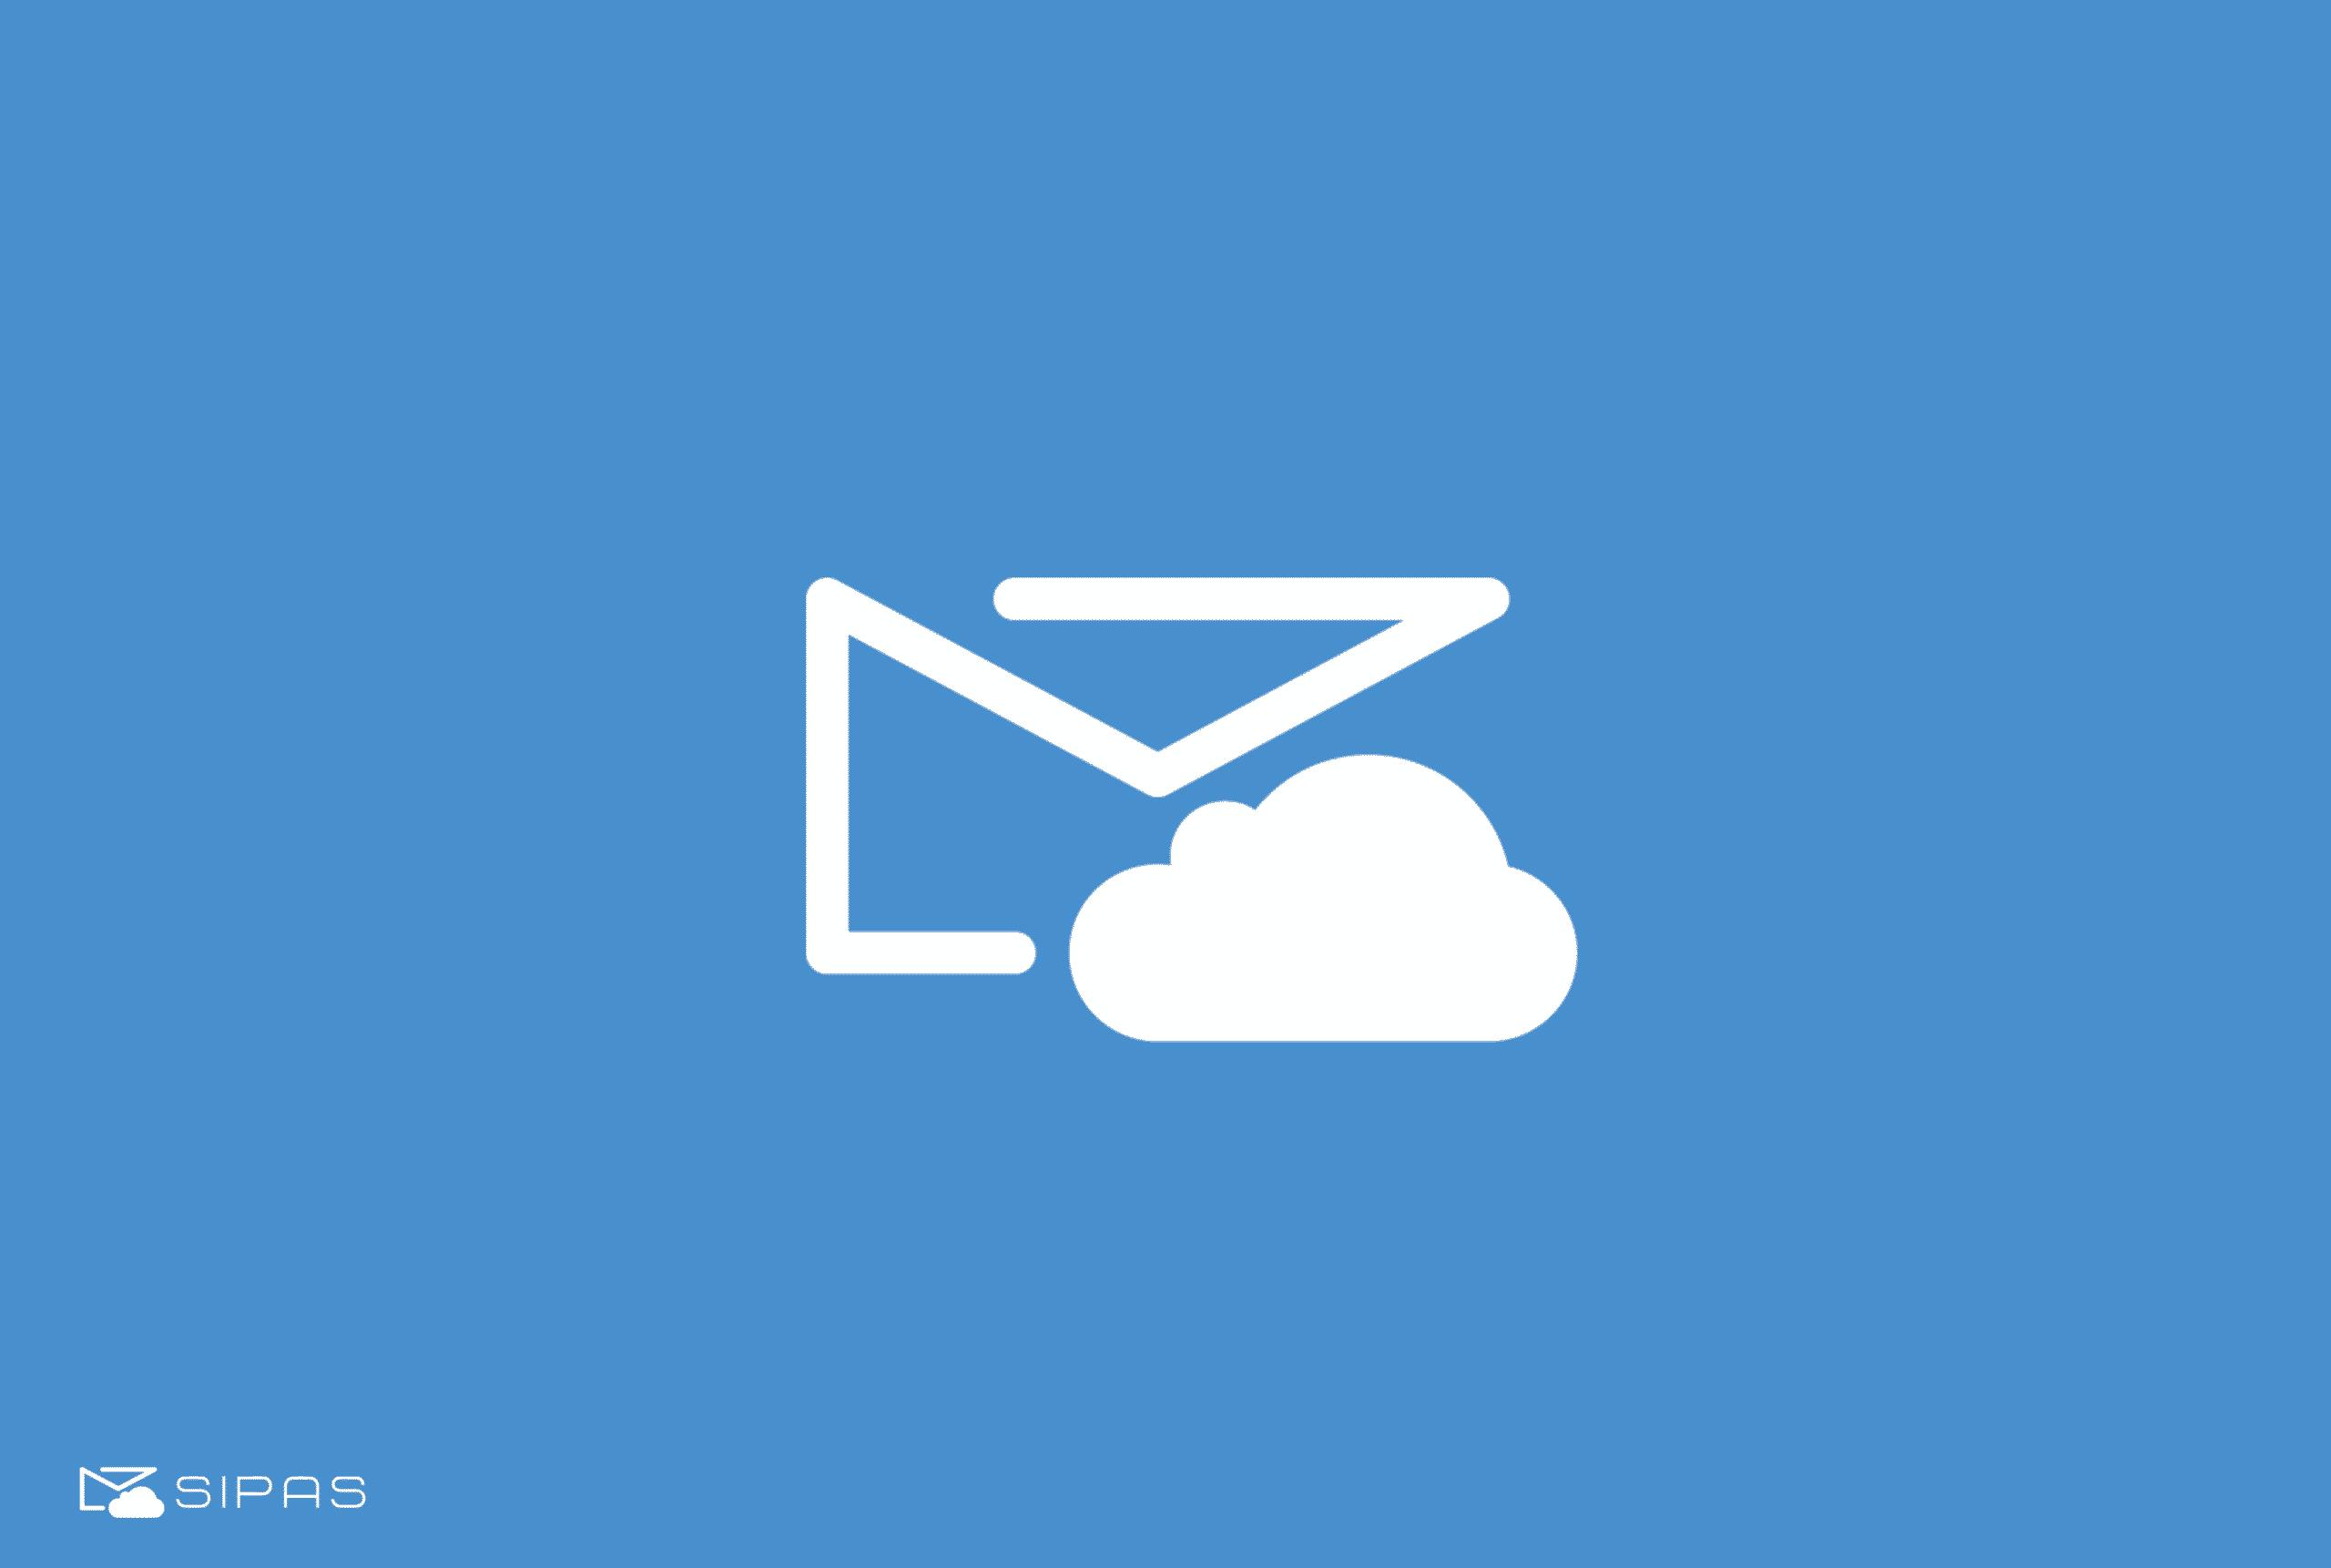 Aplikasi-Surat-Menyurat-Berbasis-Web-SIPAS